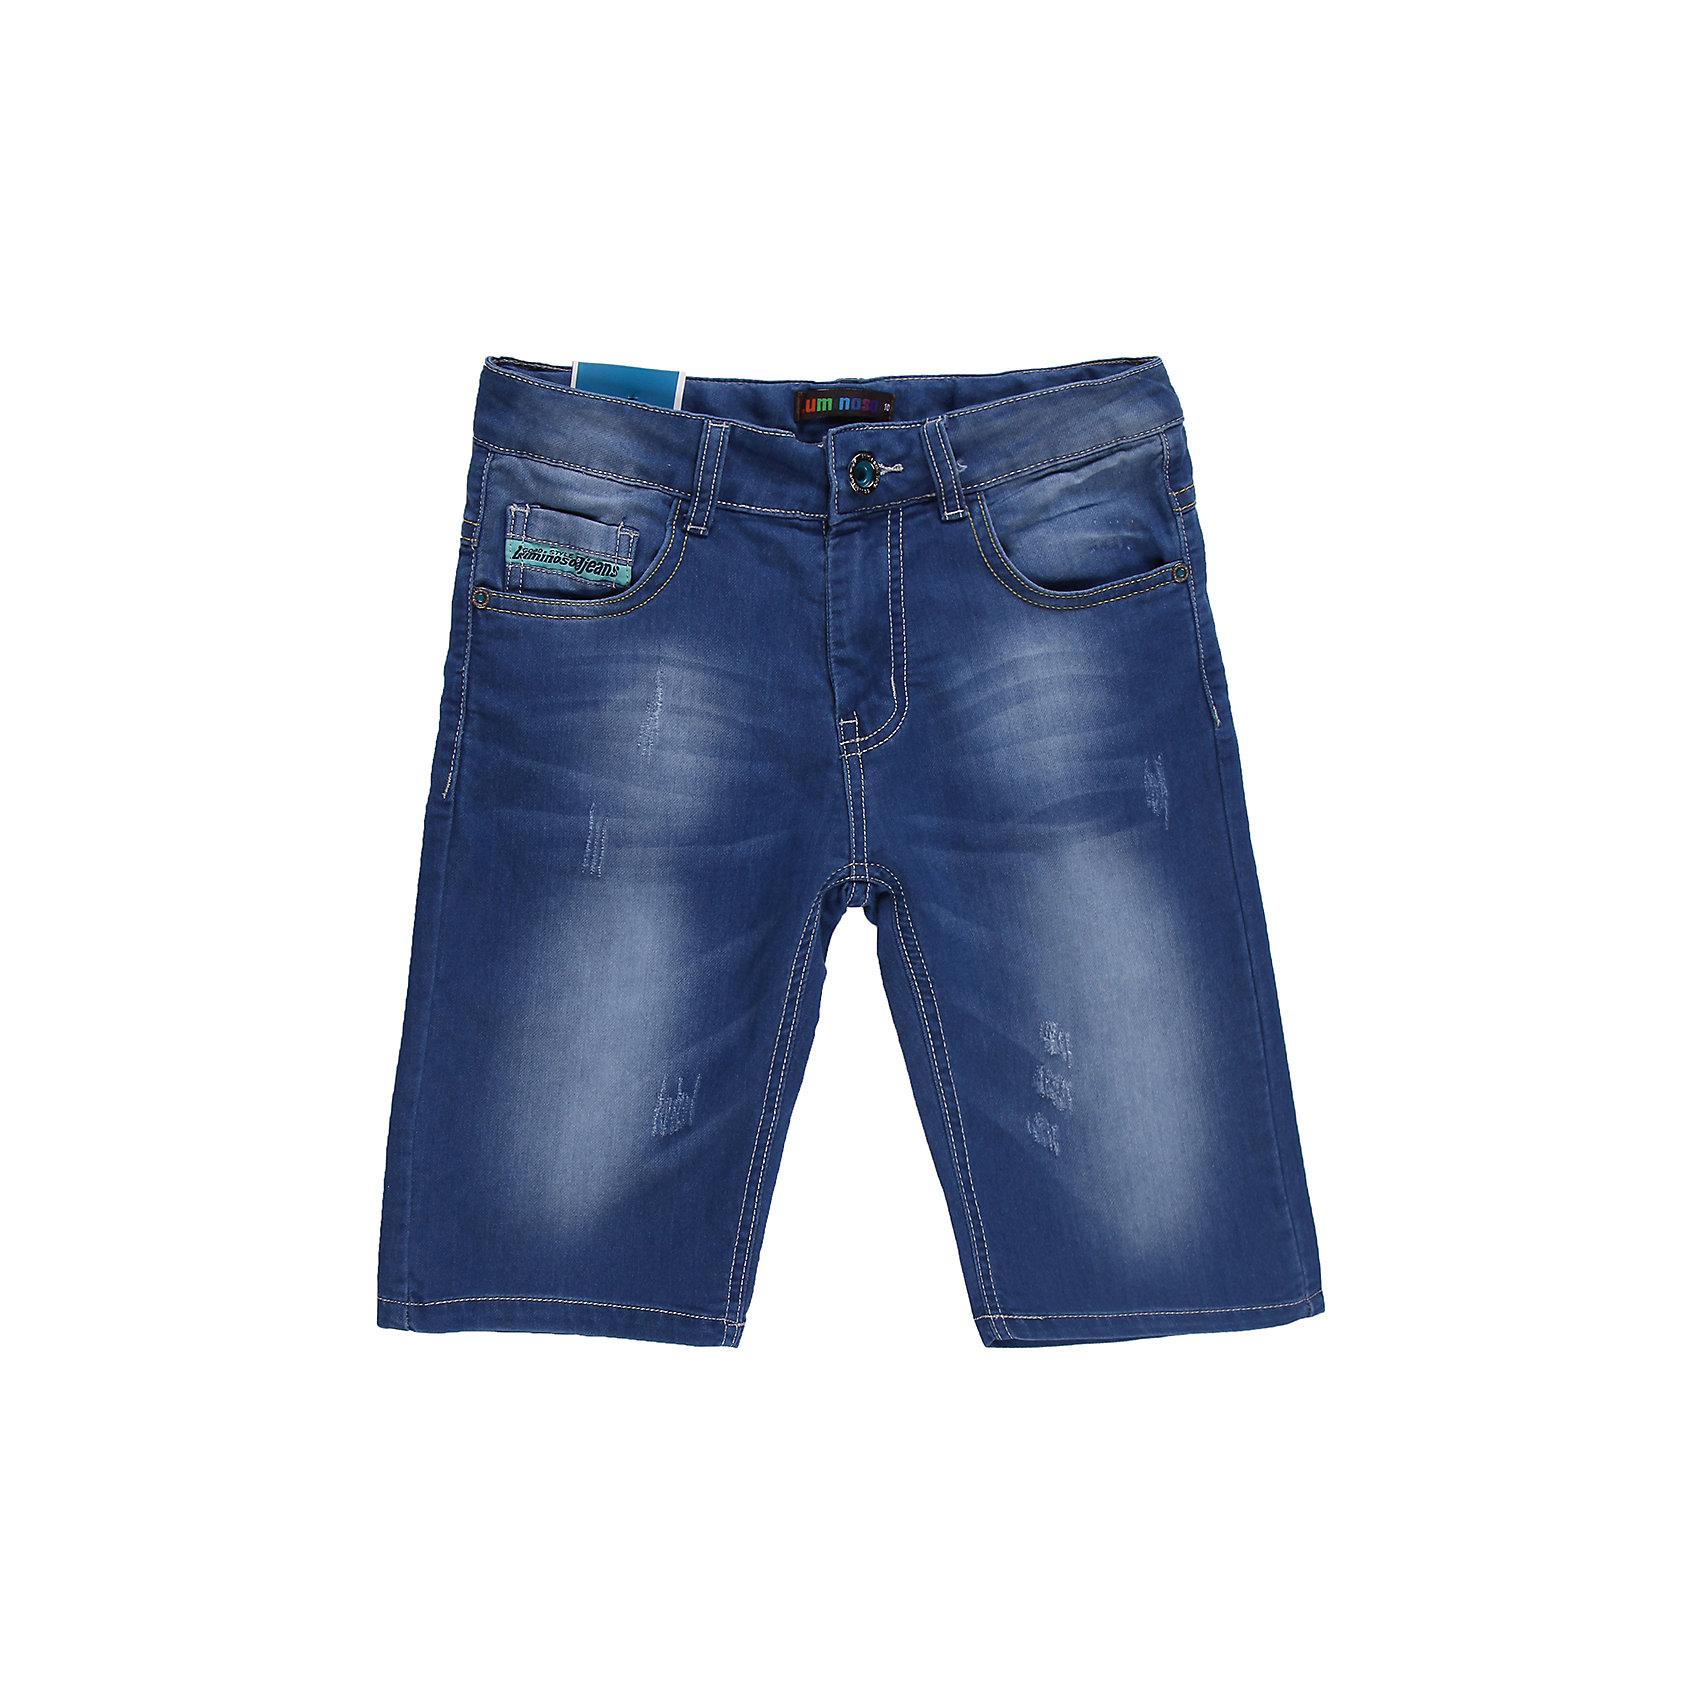 Бриджи для мальчика LuminosoСтильные джинсовые шорты на мальчика, четыре кармана, отличный вариант на каждый день, декорированы потертостями.<br>Состав:<br>98% хлопок 2%эластан<br><br>Ширина мм: 191<br>Глубина мм: 10<br>Высота мм: 175<br>Вес г: 273<br>Цвет: синий<br>Возраст от месяцев: 132<br>Возраст до месяцев: 144<br>Пол: Мужской<br>Возраст: Детский<br>Размер: 152,164,134,140,146,158<br>SKU: 4523188